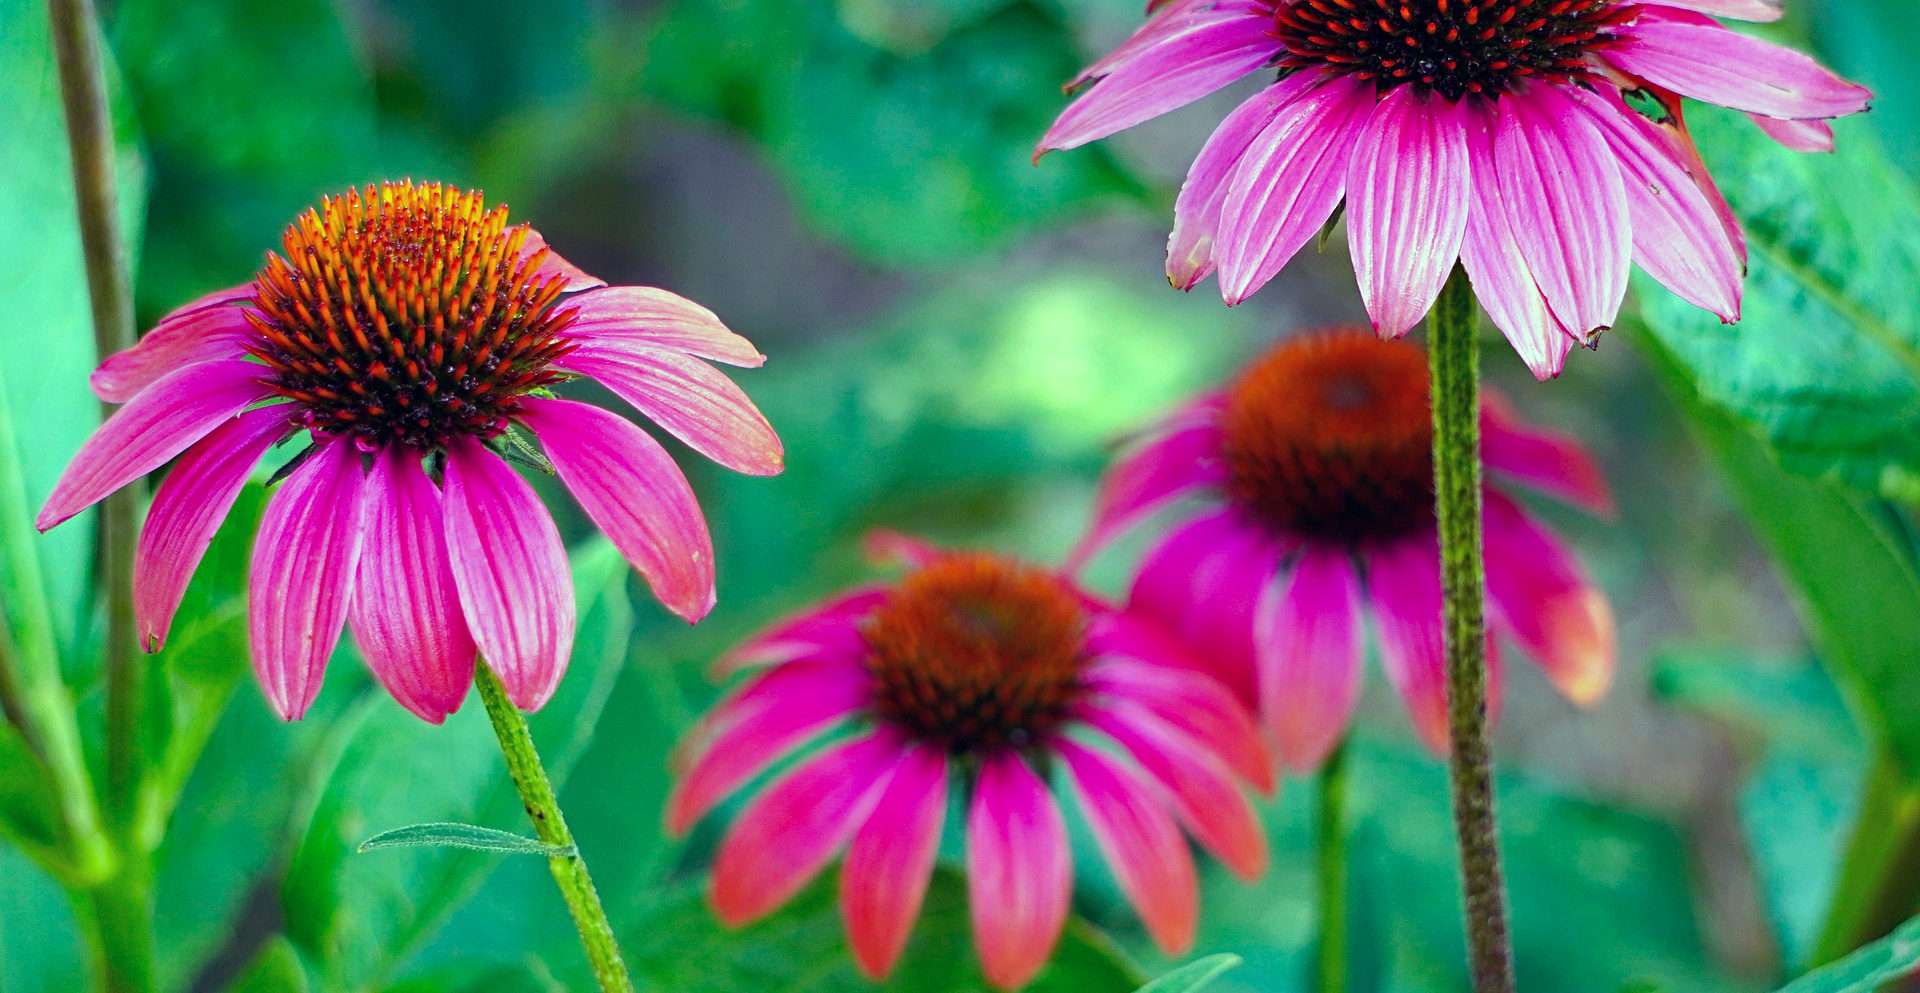 summer blooming flowers